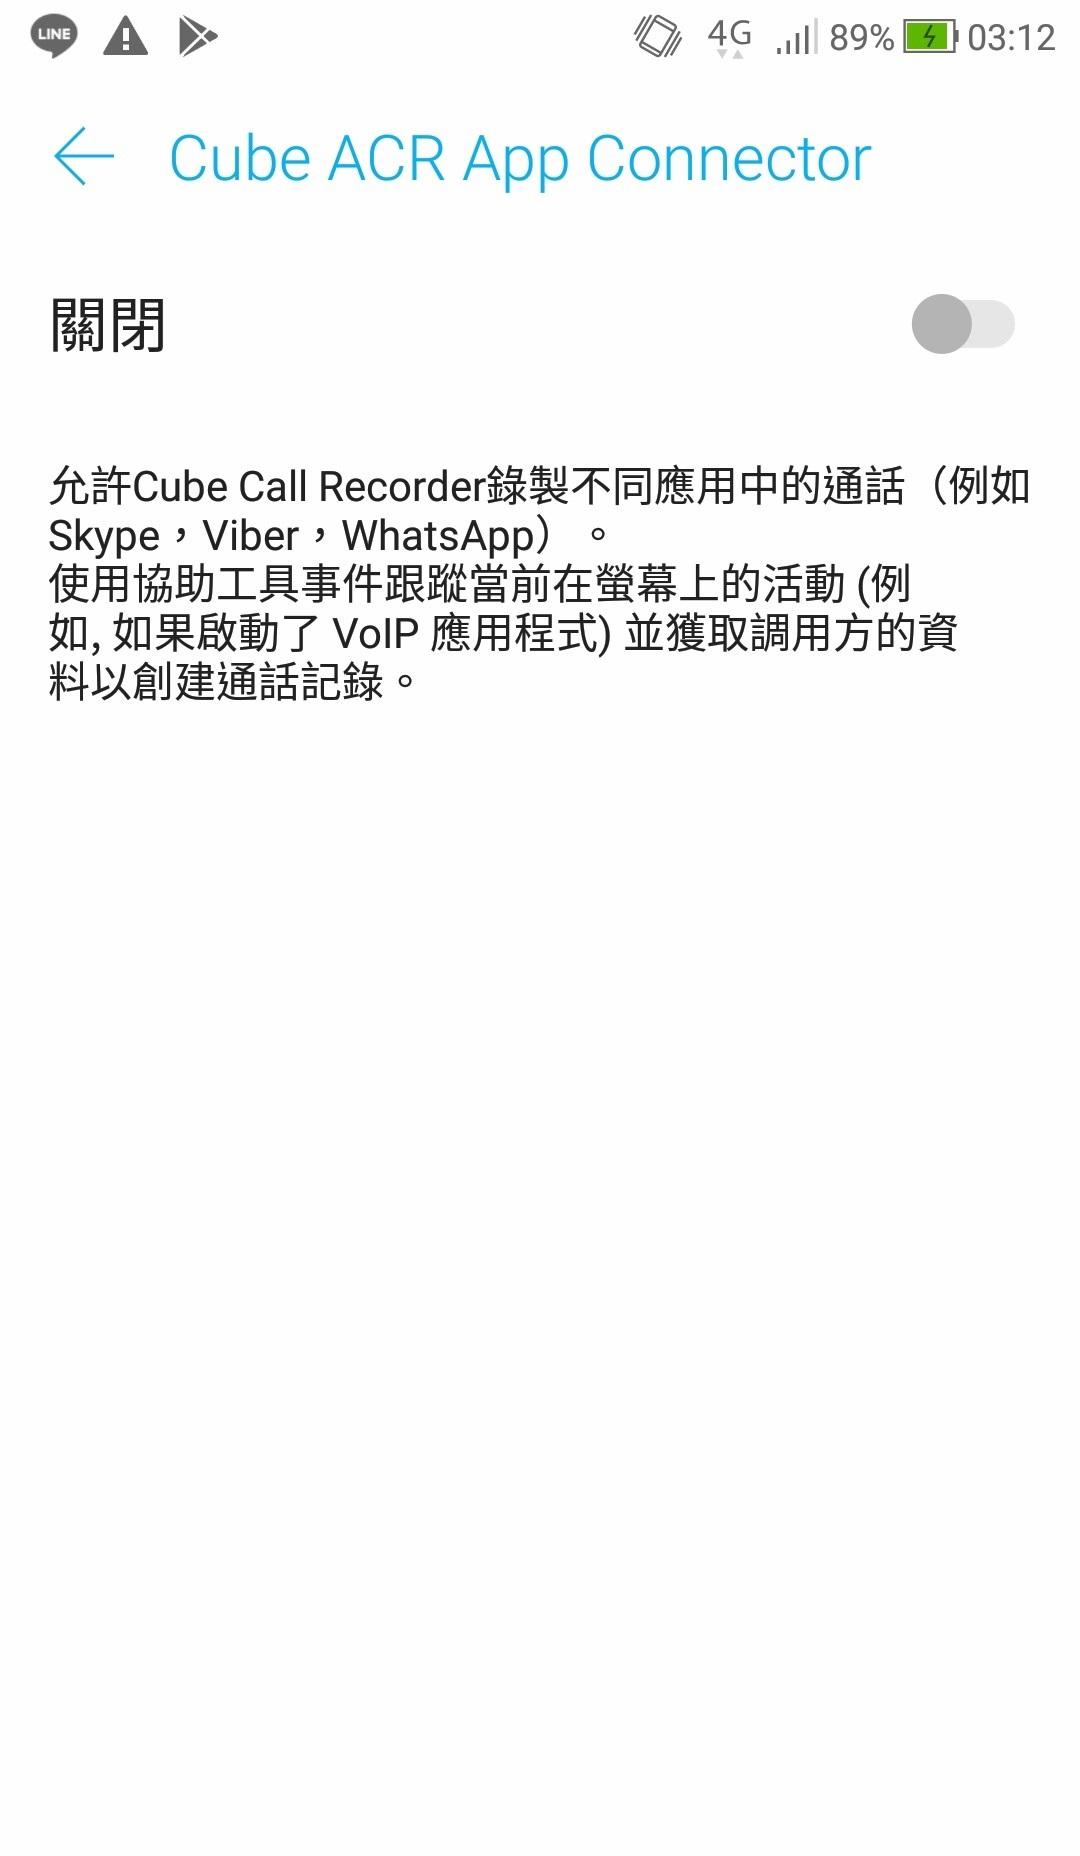 立方體通話錄音機Cube Call Recorder ACR v2 2 129 - Android